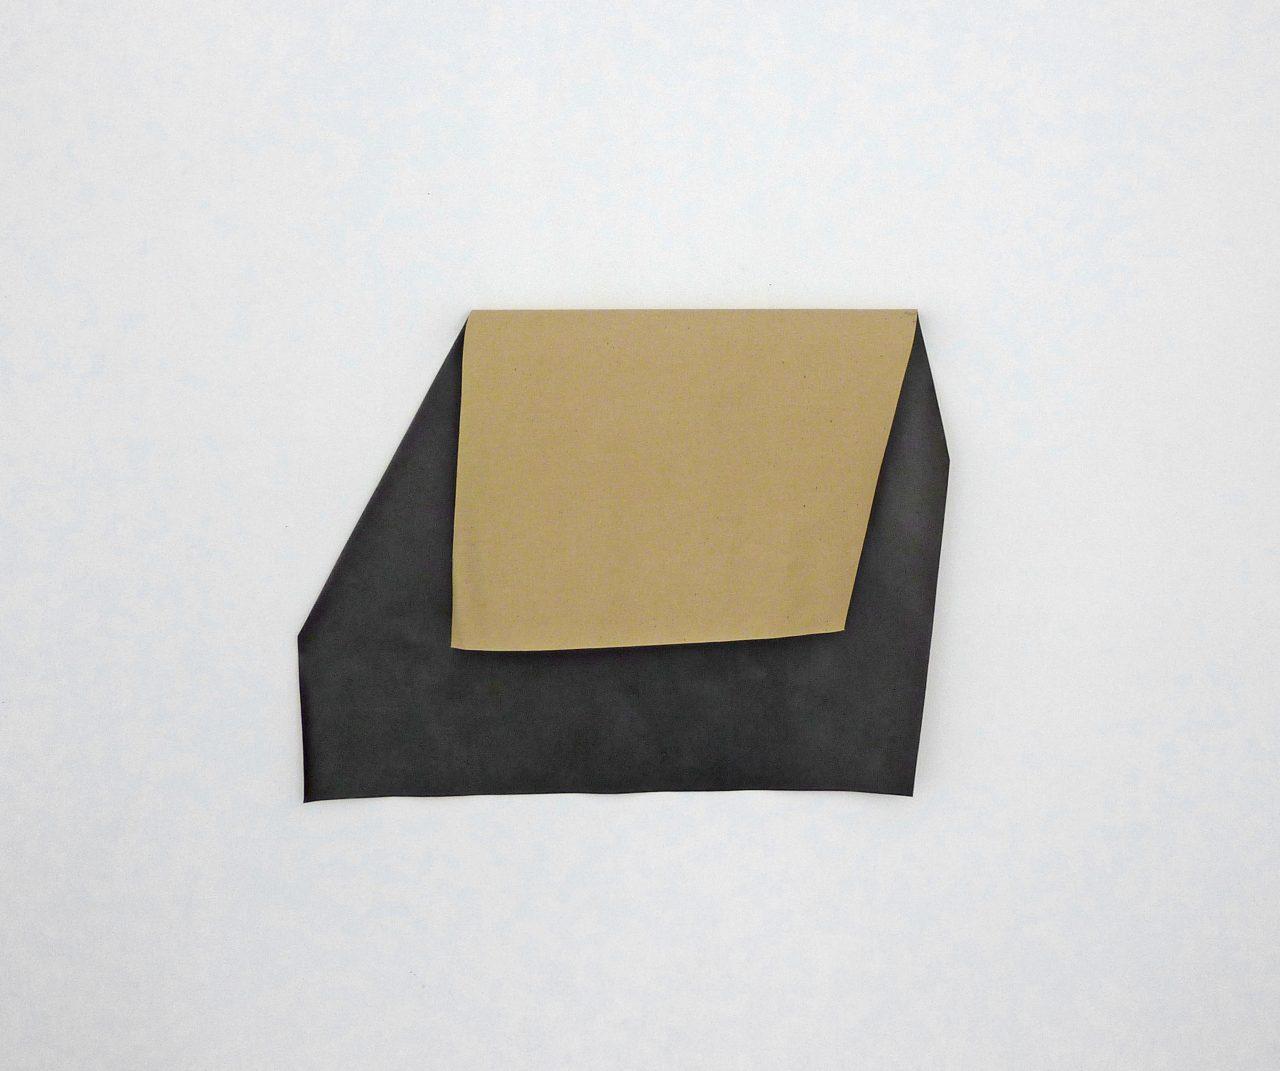 Kunst und Kohle – SCHWARZ [ˈʃvaʁʦ] image